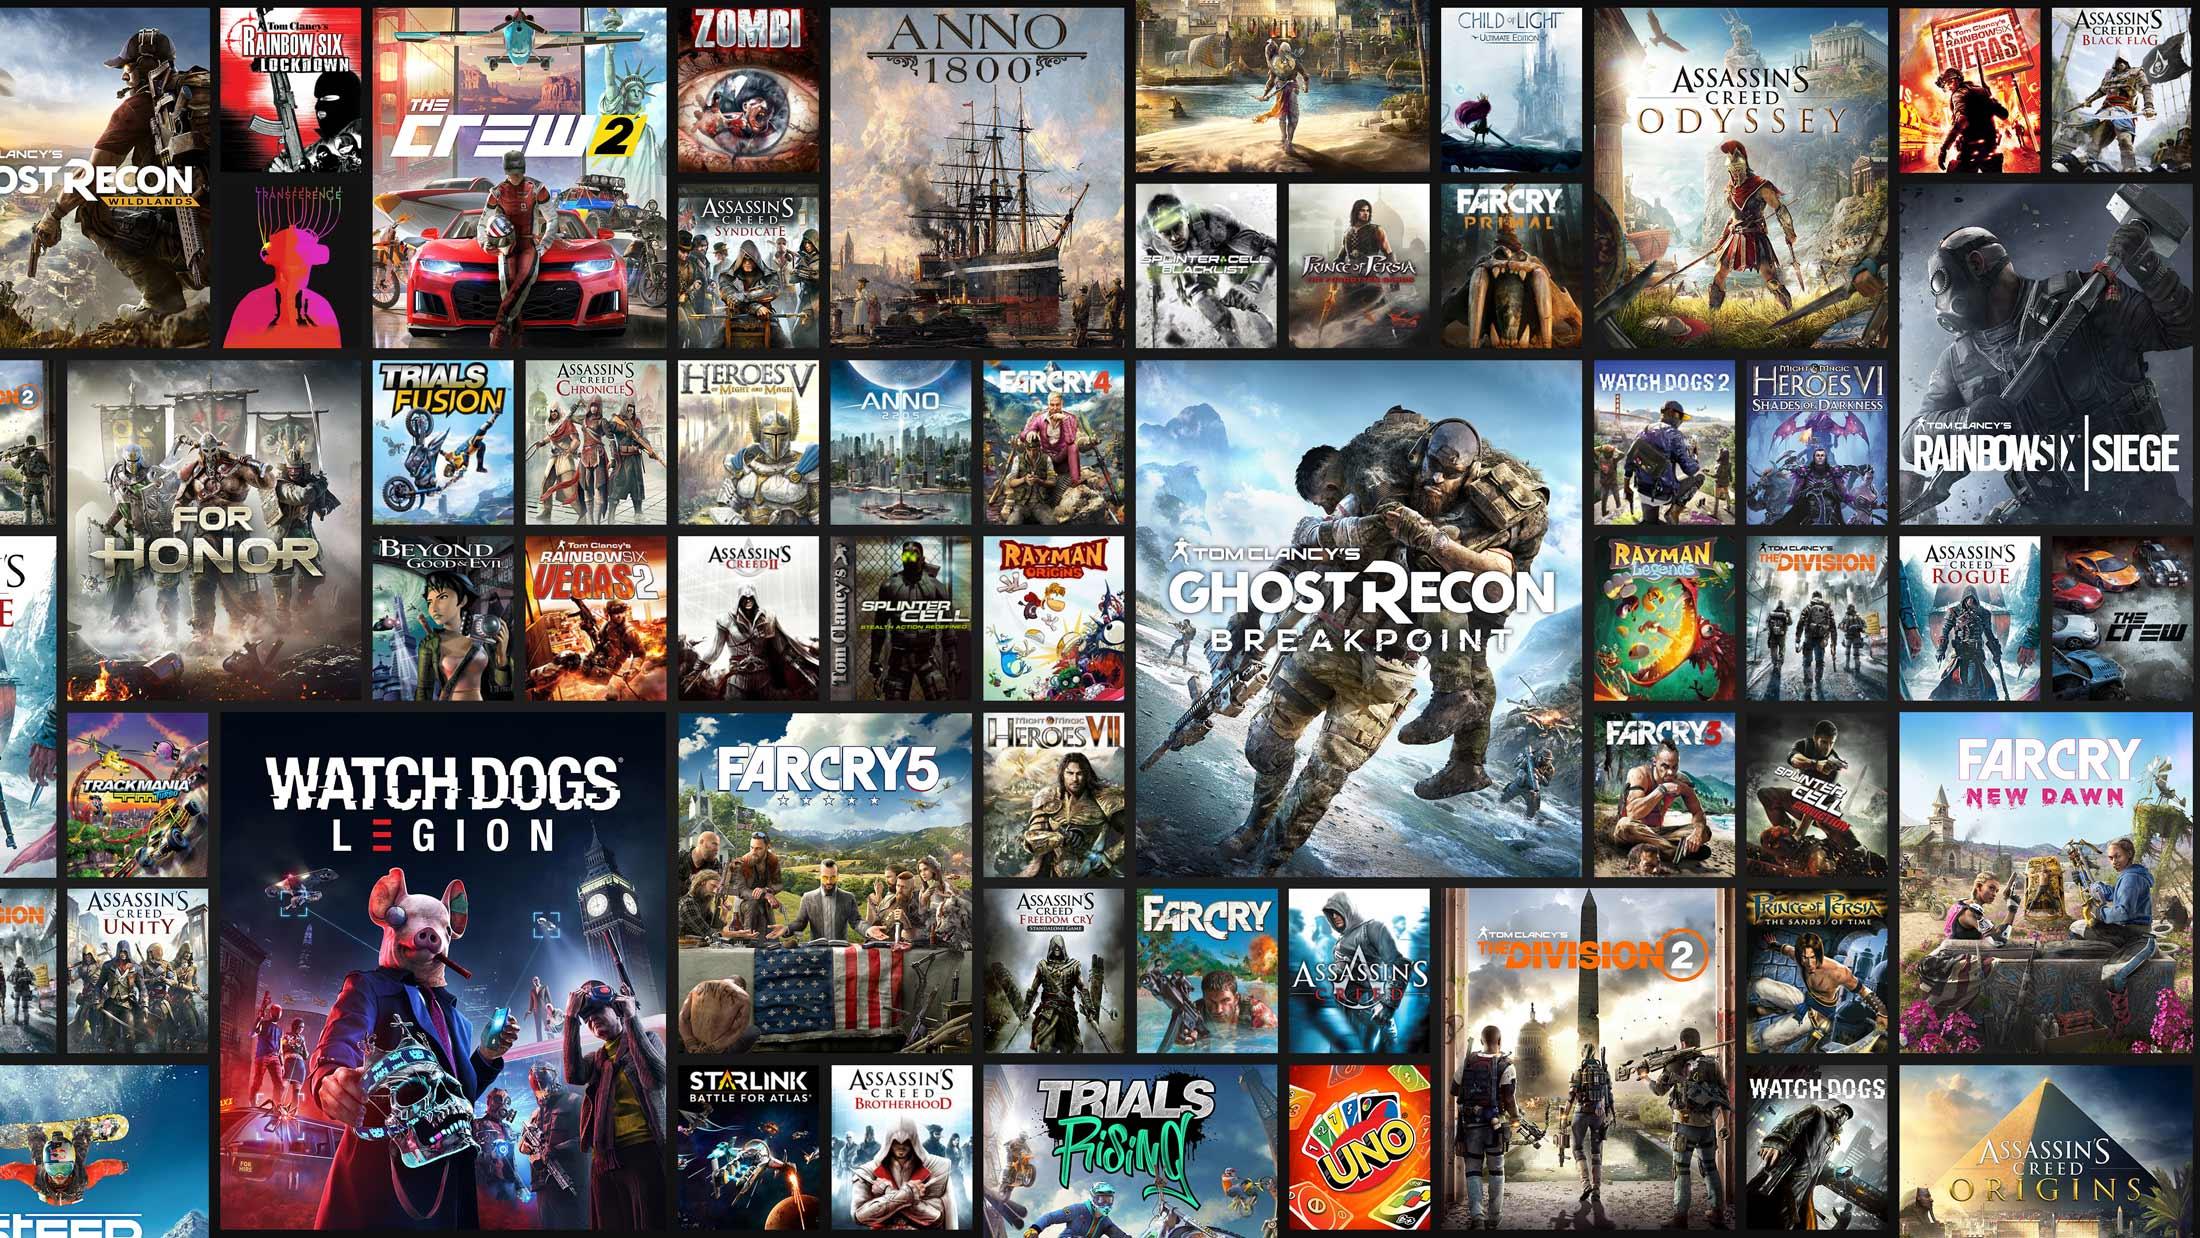 Assassins Creed Valhalla, Anno 1800 и другие со скидками до 80 %: в Ubisoft Store стартовала Легендарная распродажа